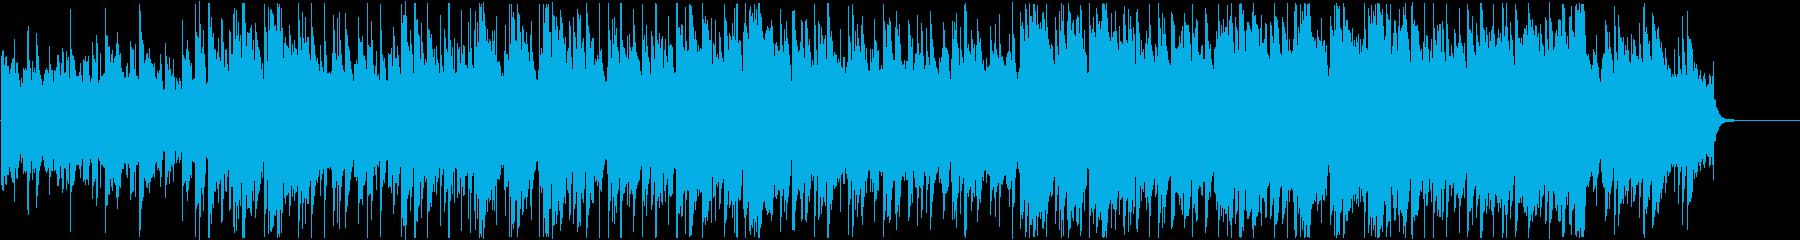 エンディング 感動 ブライダル 切ないの再生済みの波形